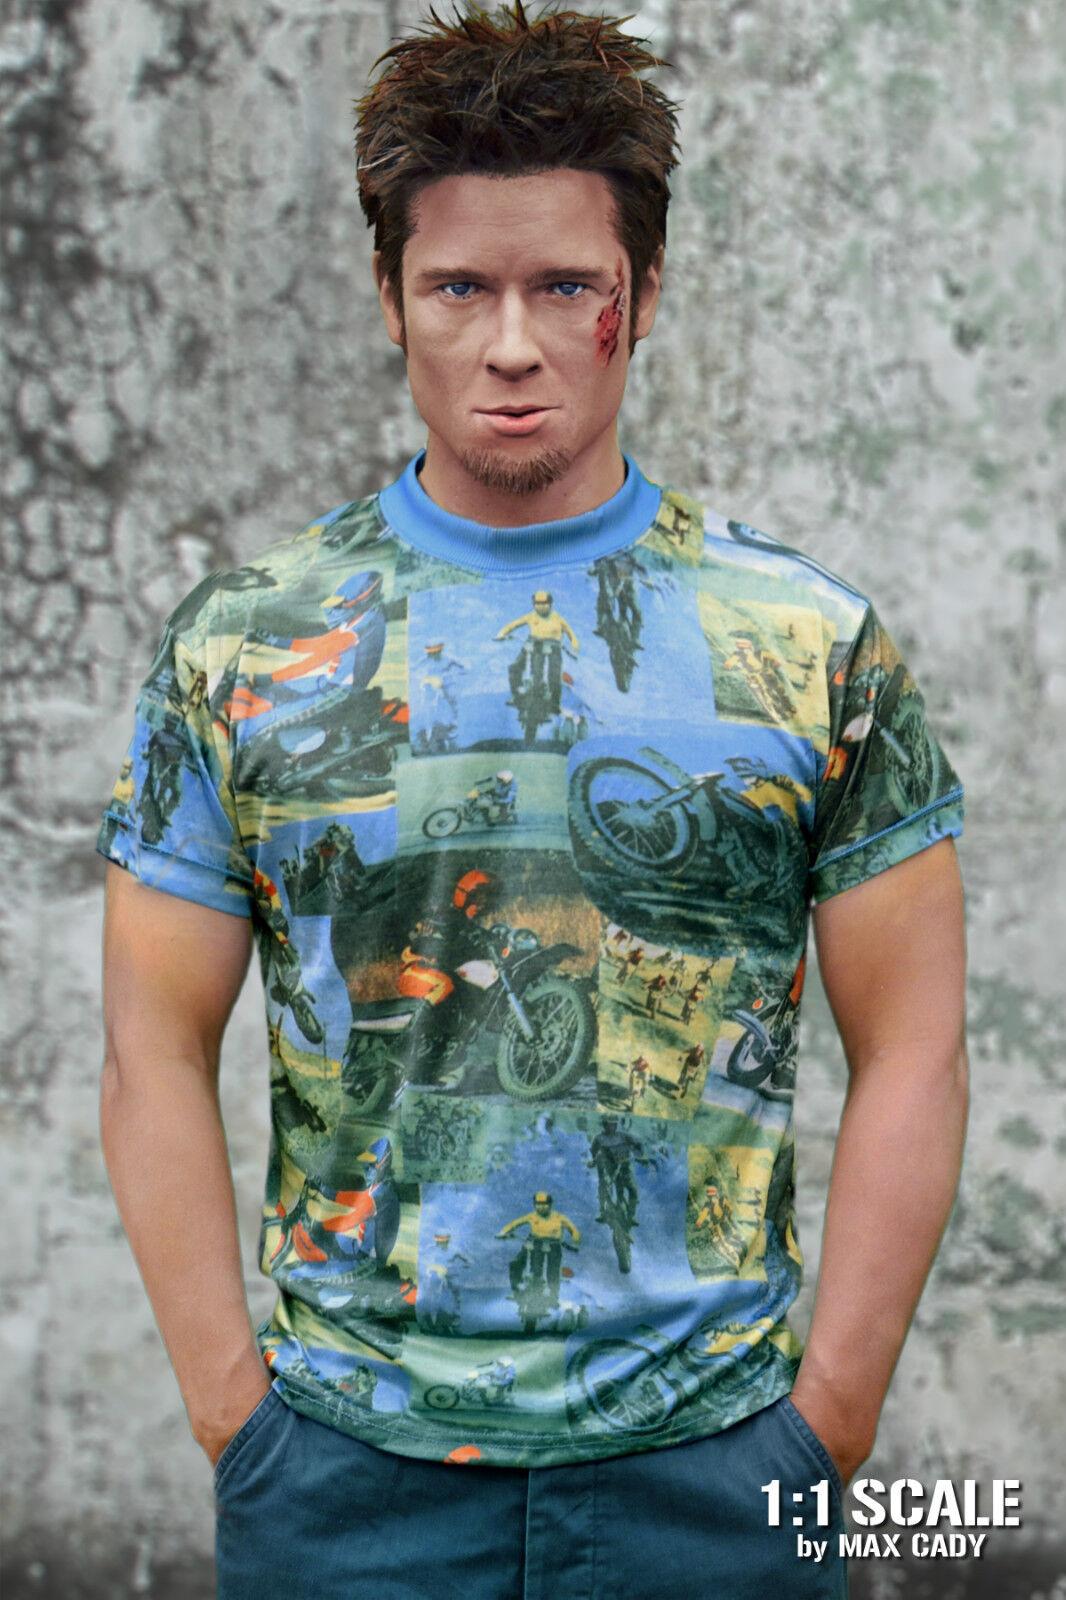 Screen Accurate FIGHT CLUB MOTOCROSS T shirt, Tyler Durden, Brad Pitt